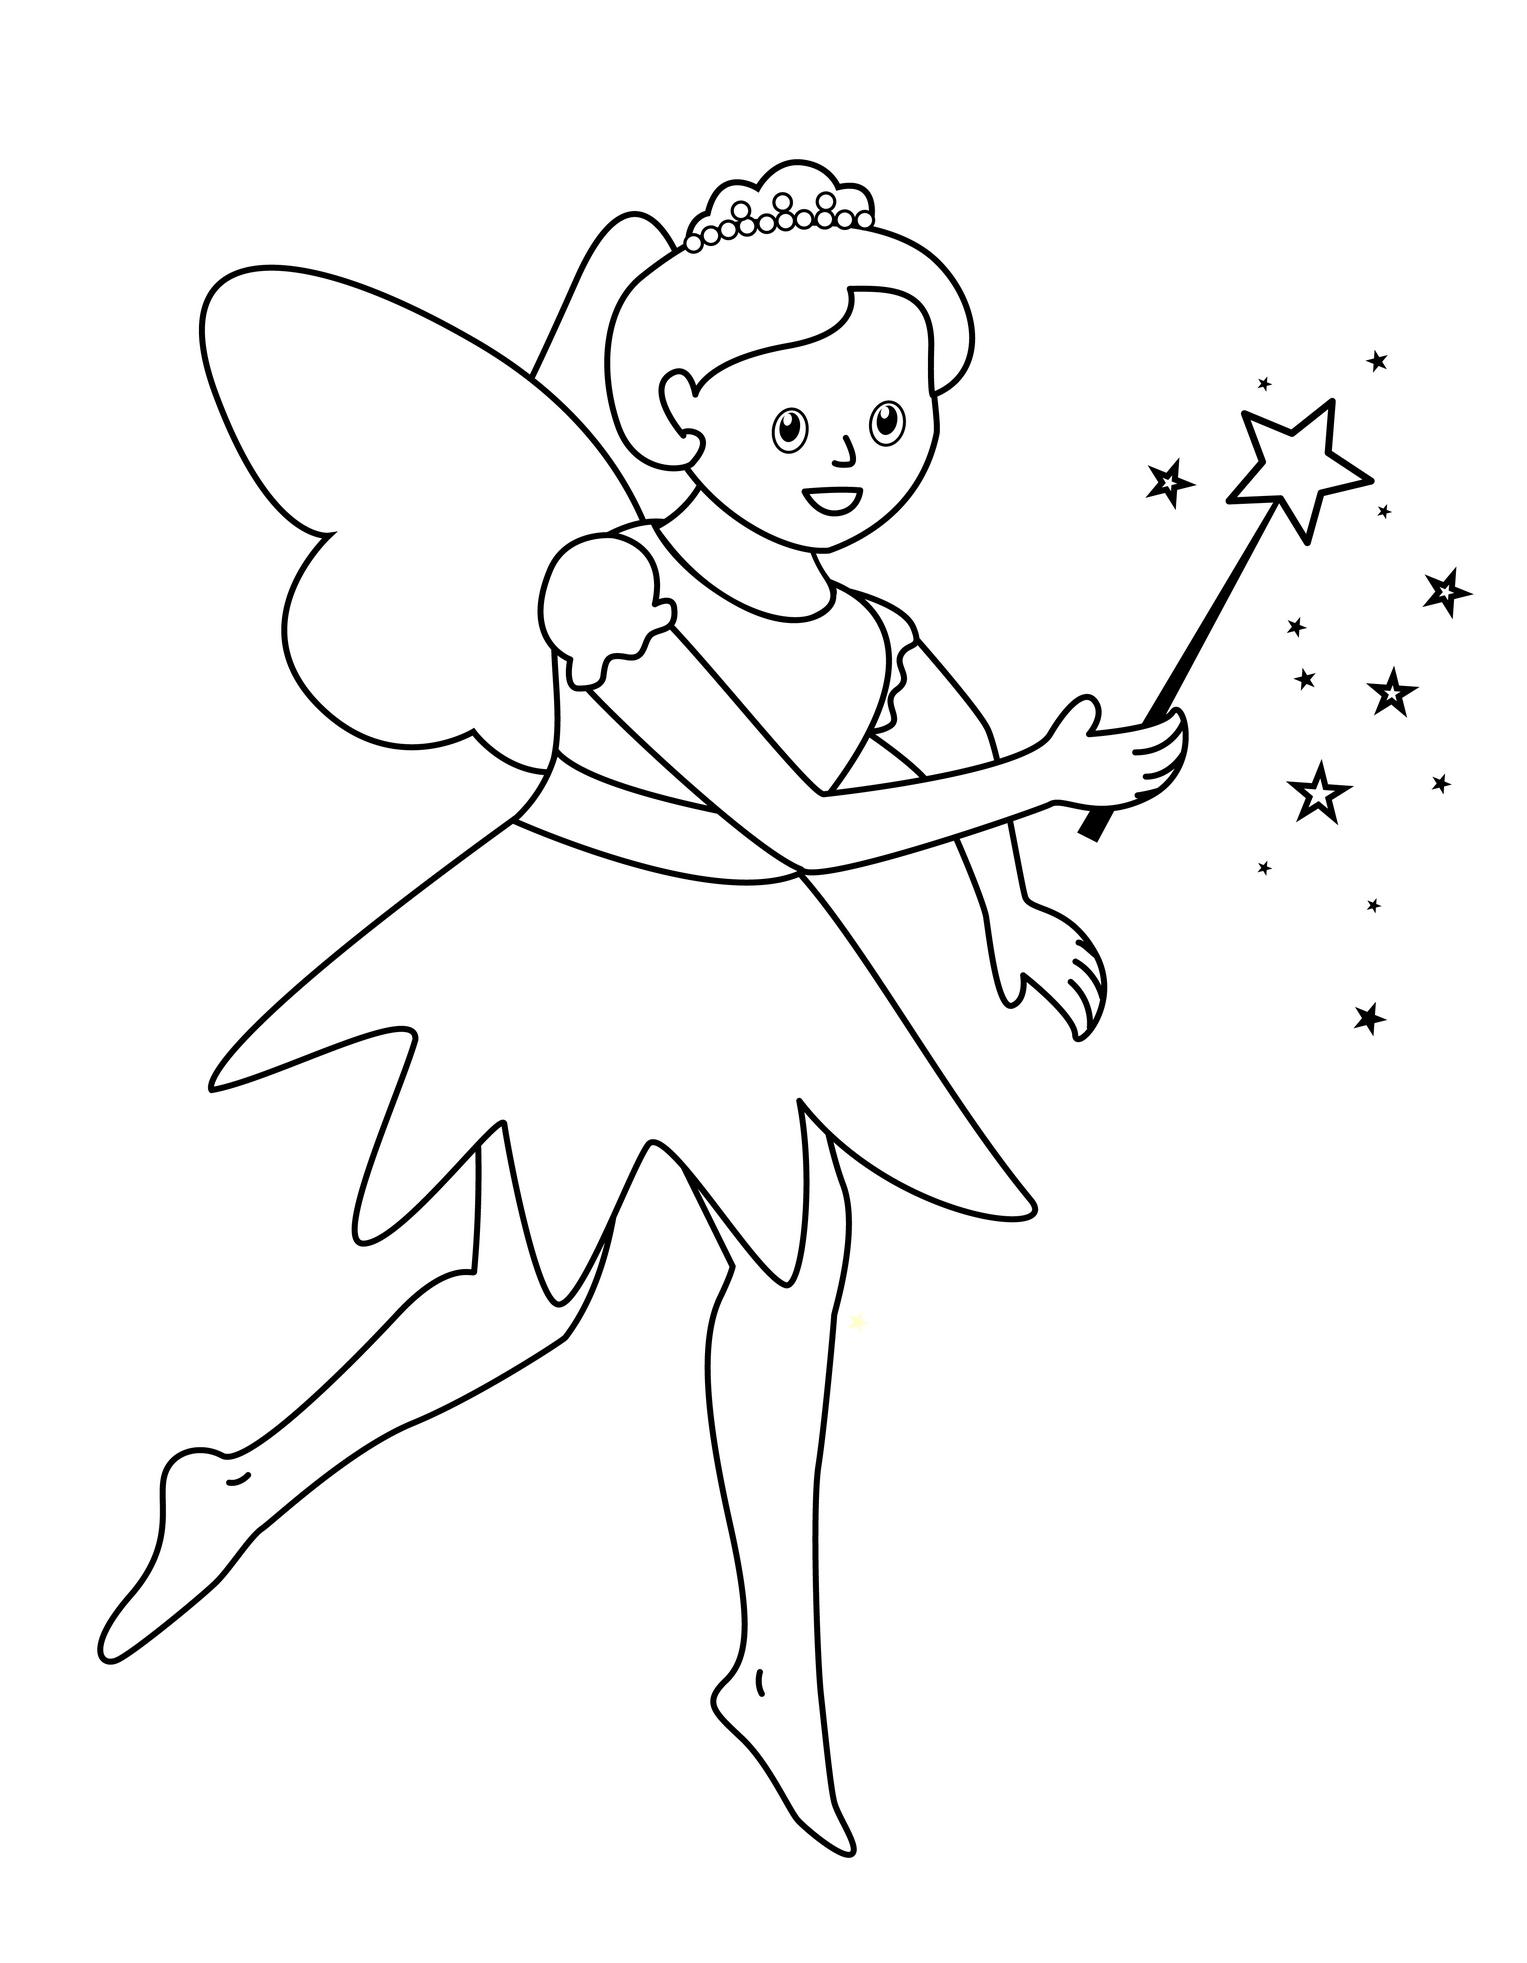 Planse De Colorat Pentru Copii Zana Buna Vesela